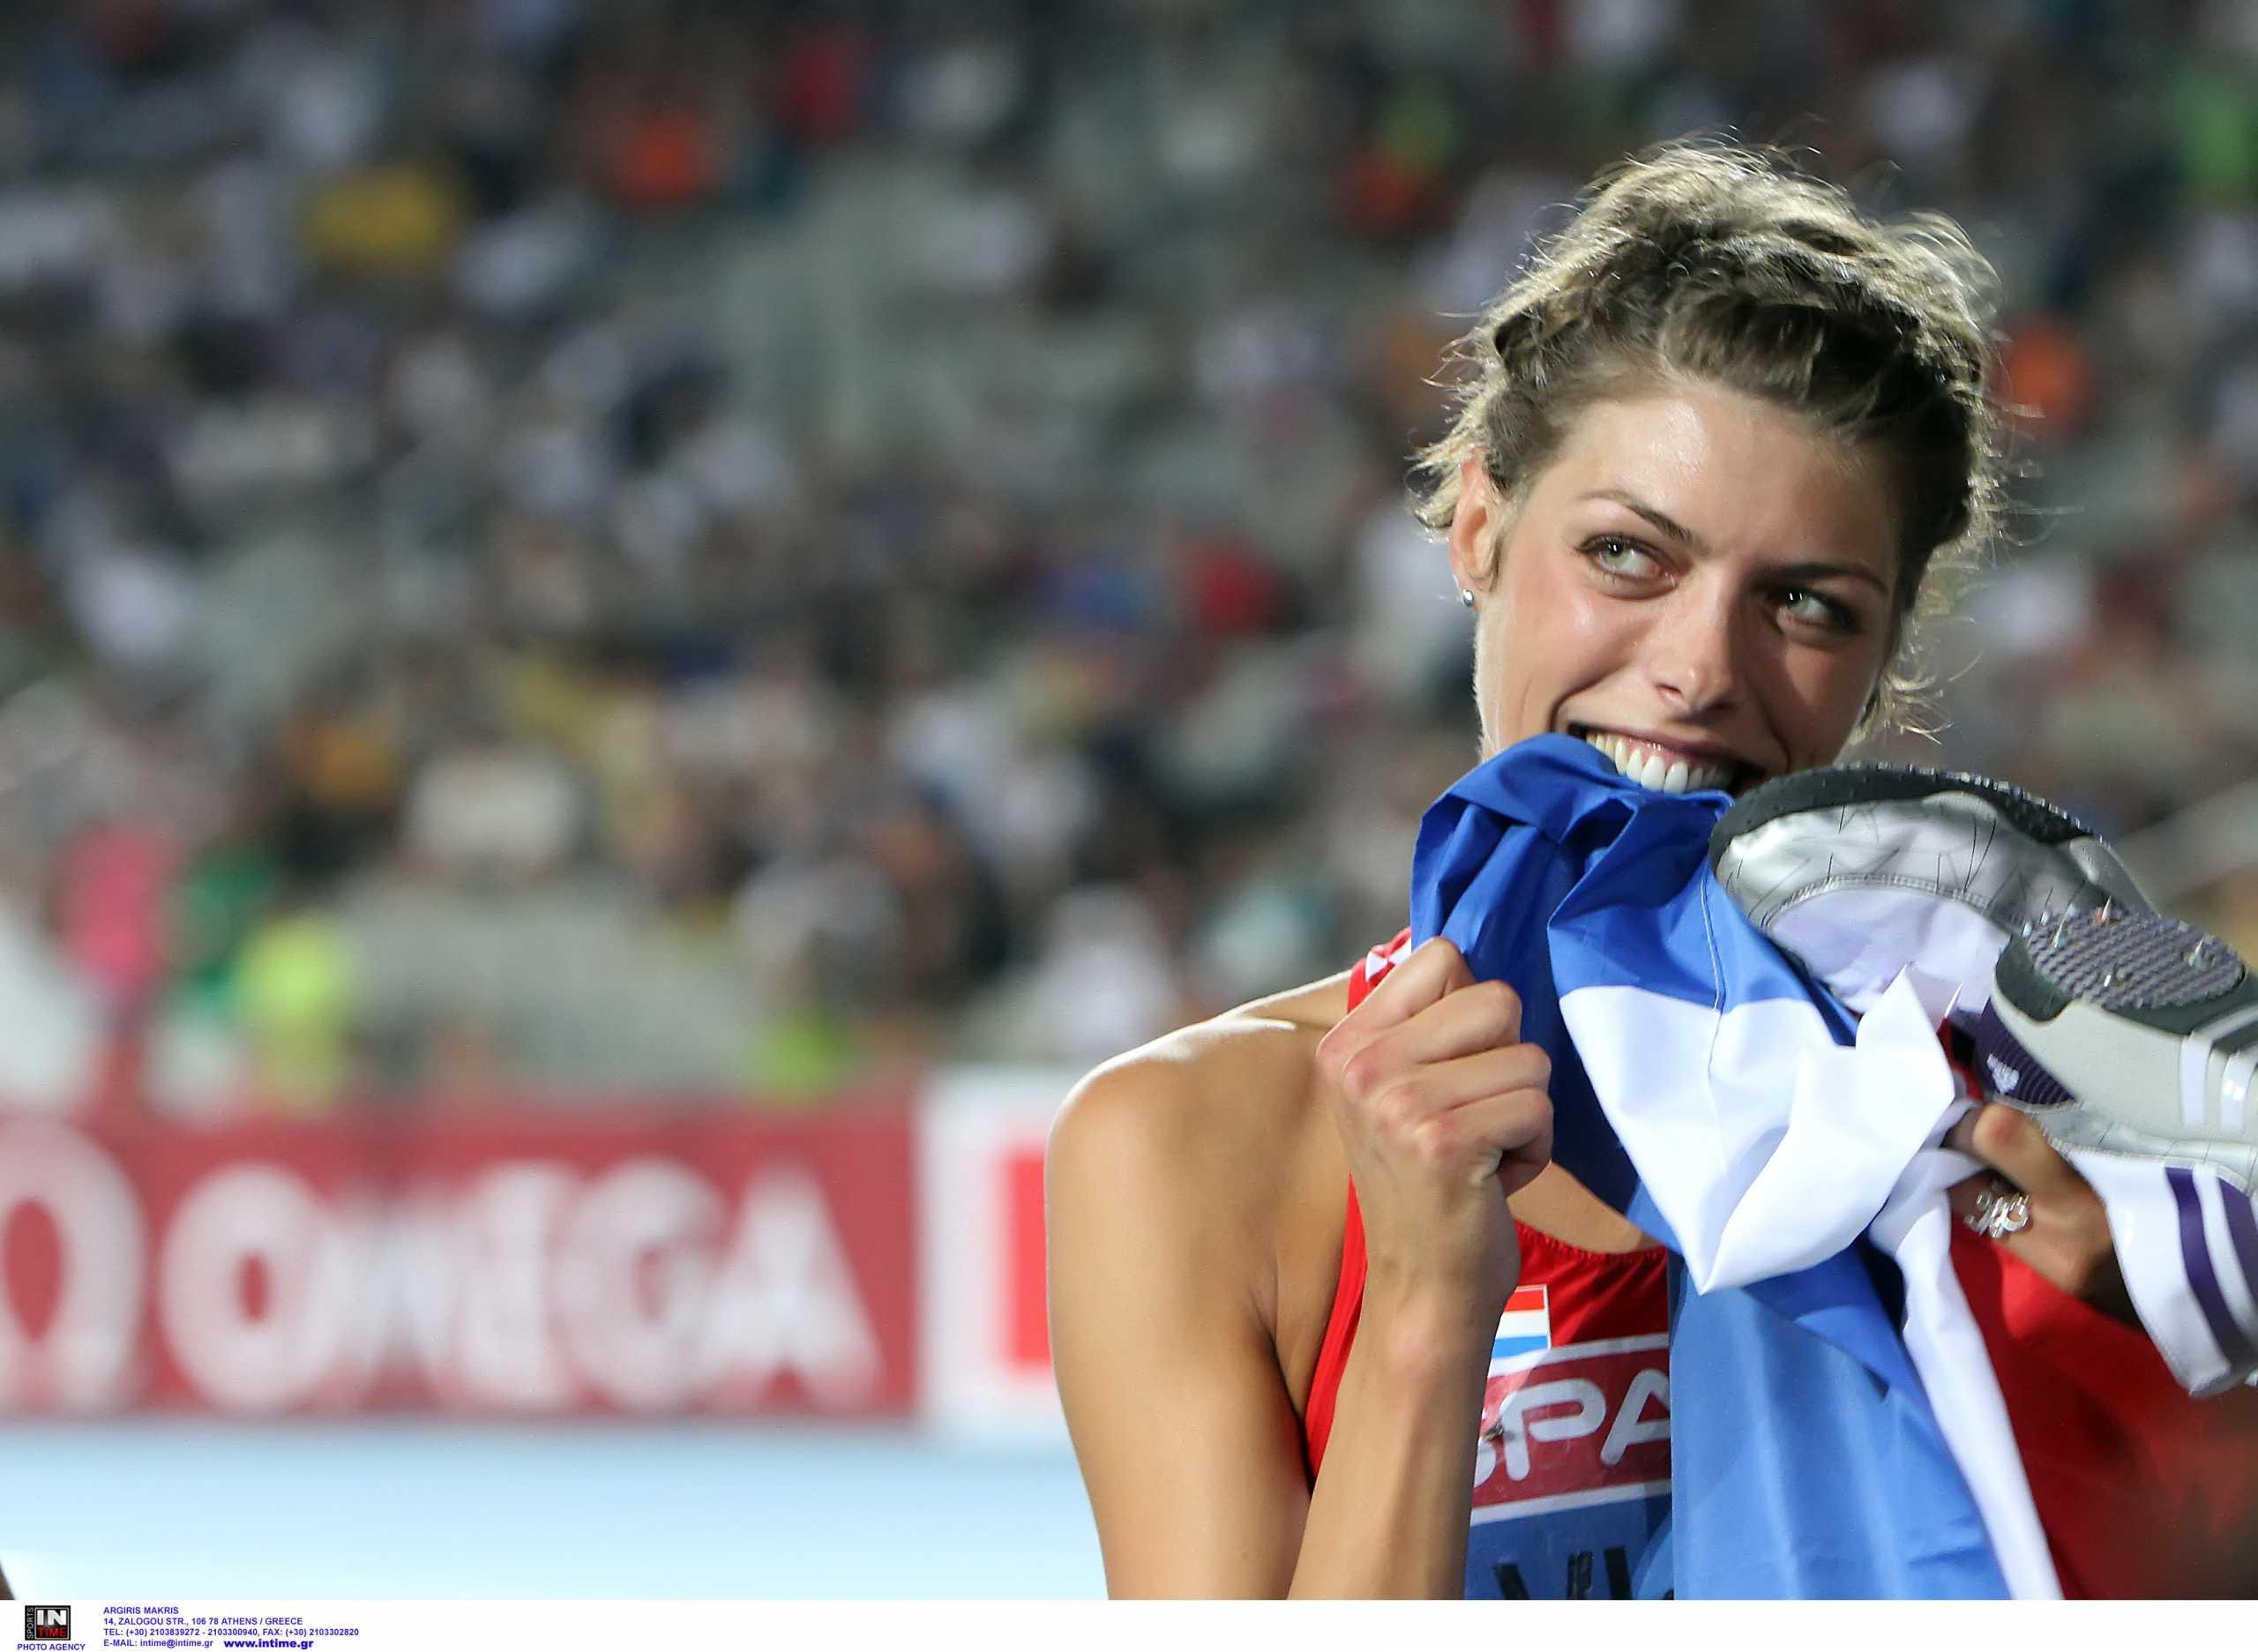 Τέλος εποχής για την Μπλάνκα Βλάσιτς (video)